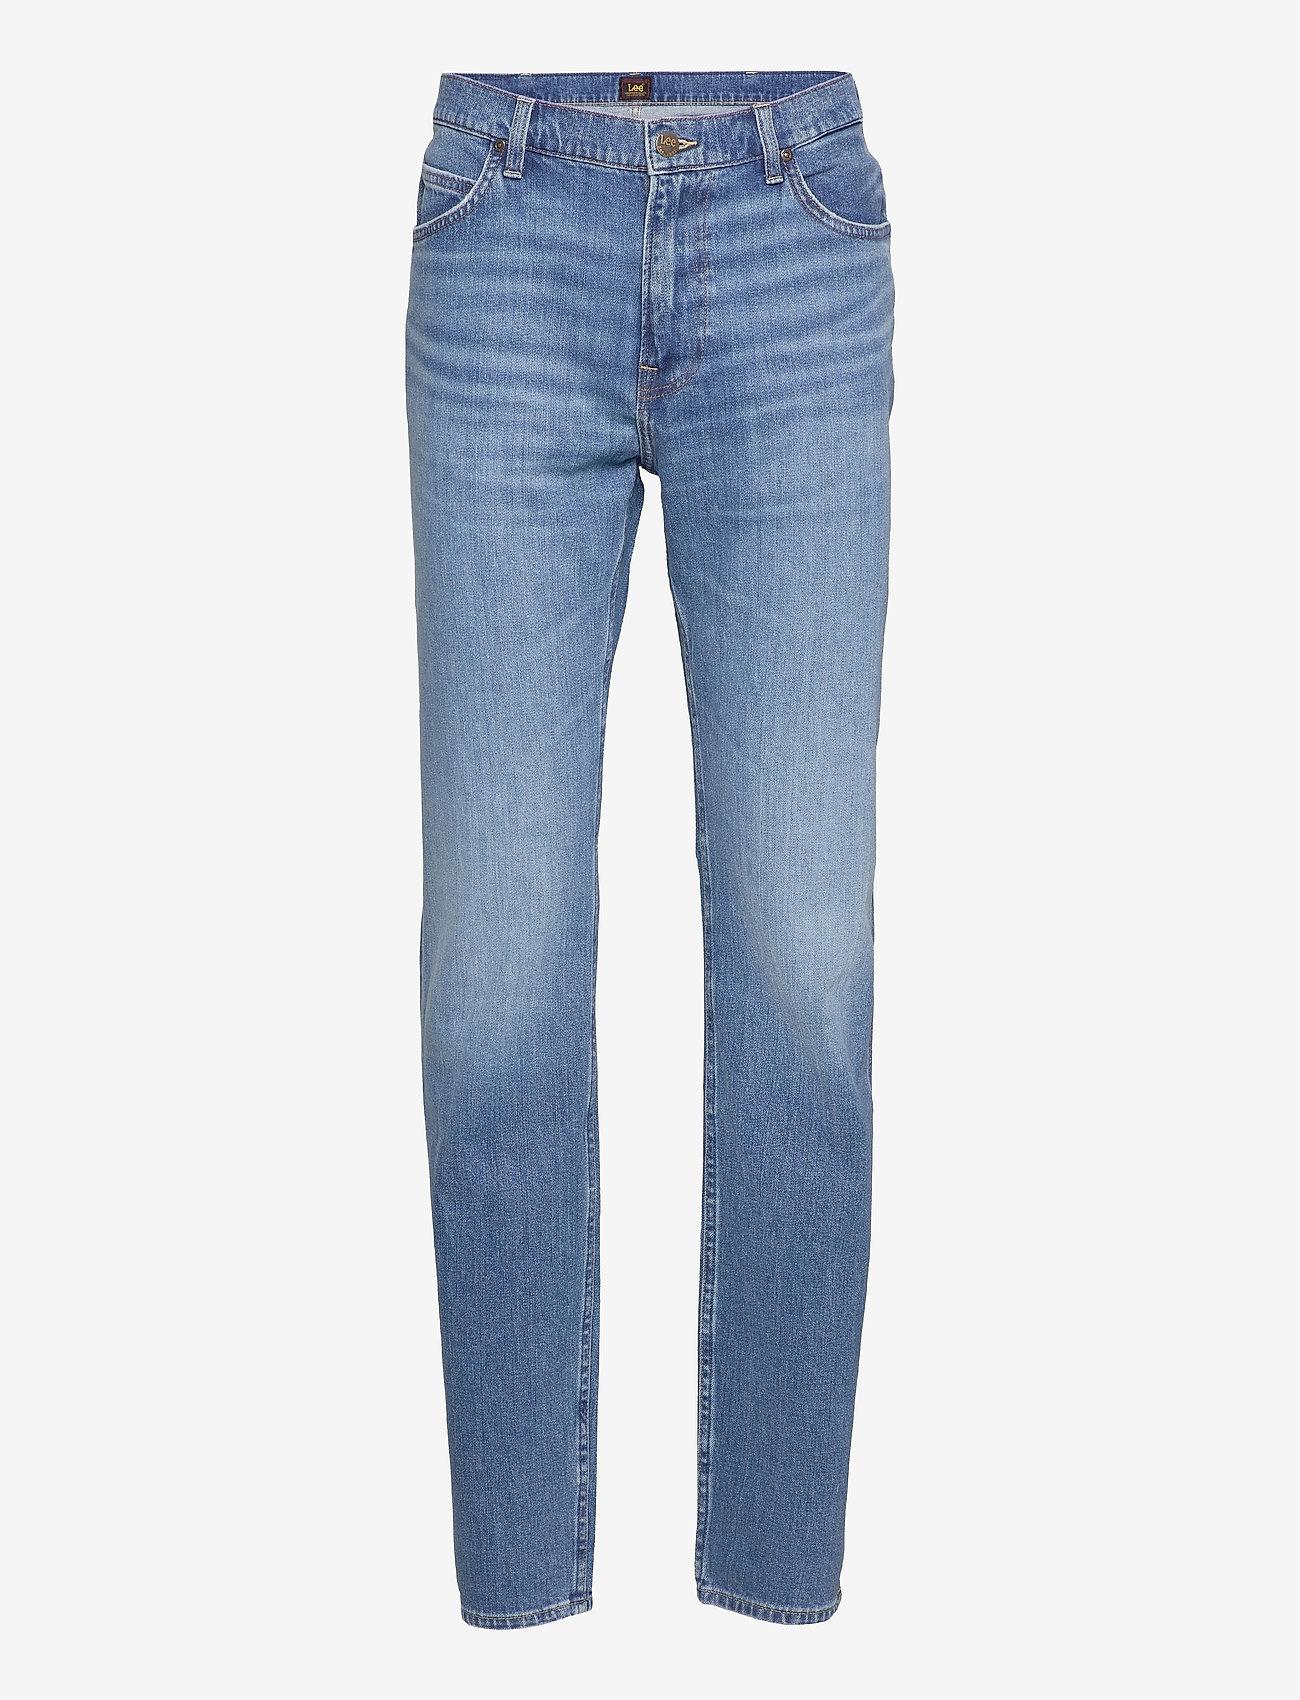 Lee Jeans - RIDER - regular jeans - westlake - 0